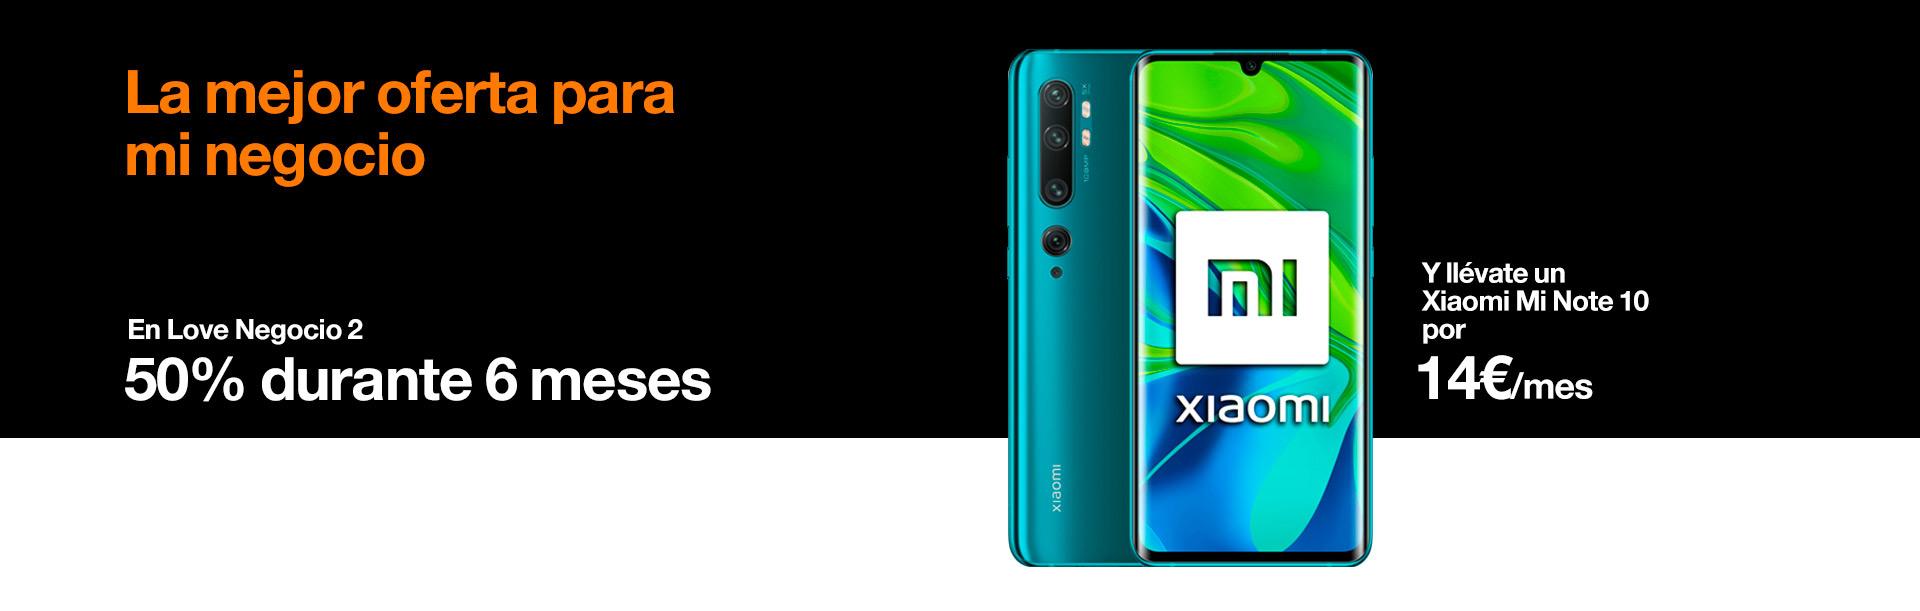 La mejor oferta para mi negocio con Love Negocio 2 y Xiaomi Redmi con Orange Note 10 con Orange